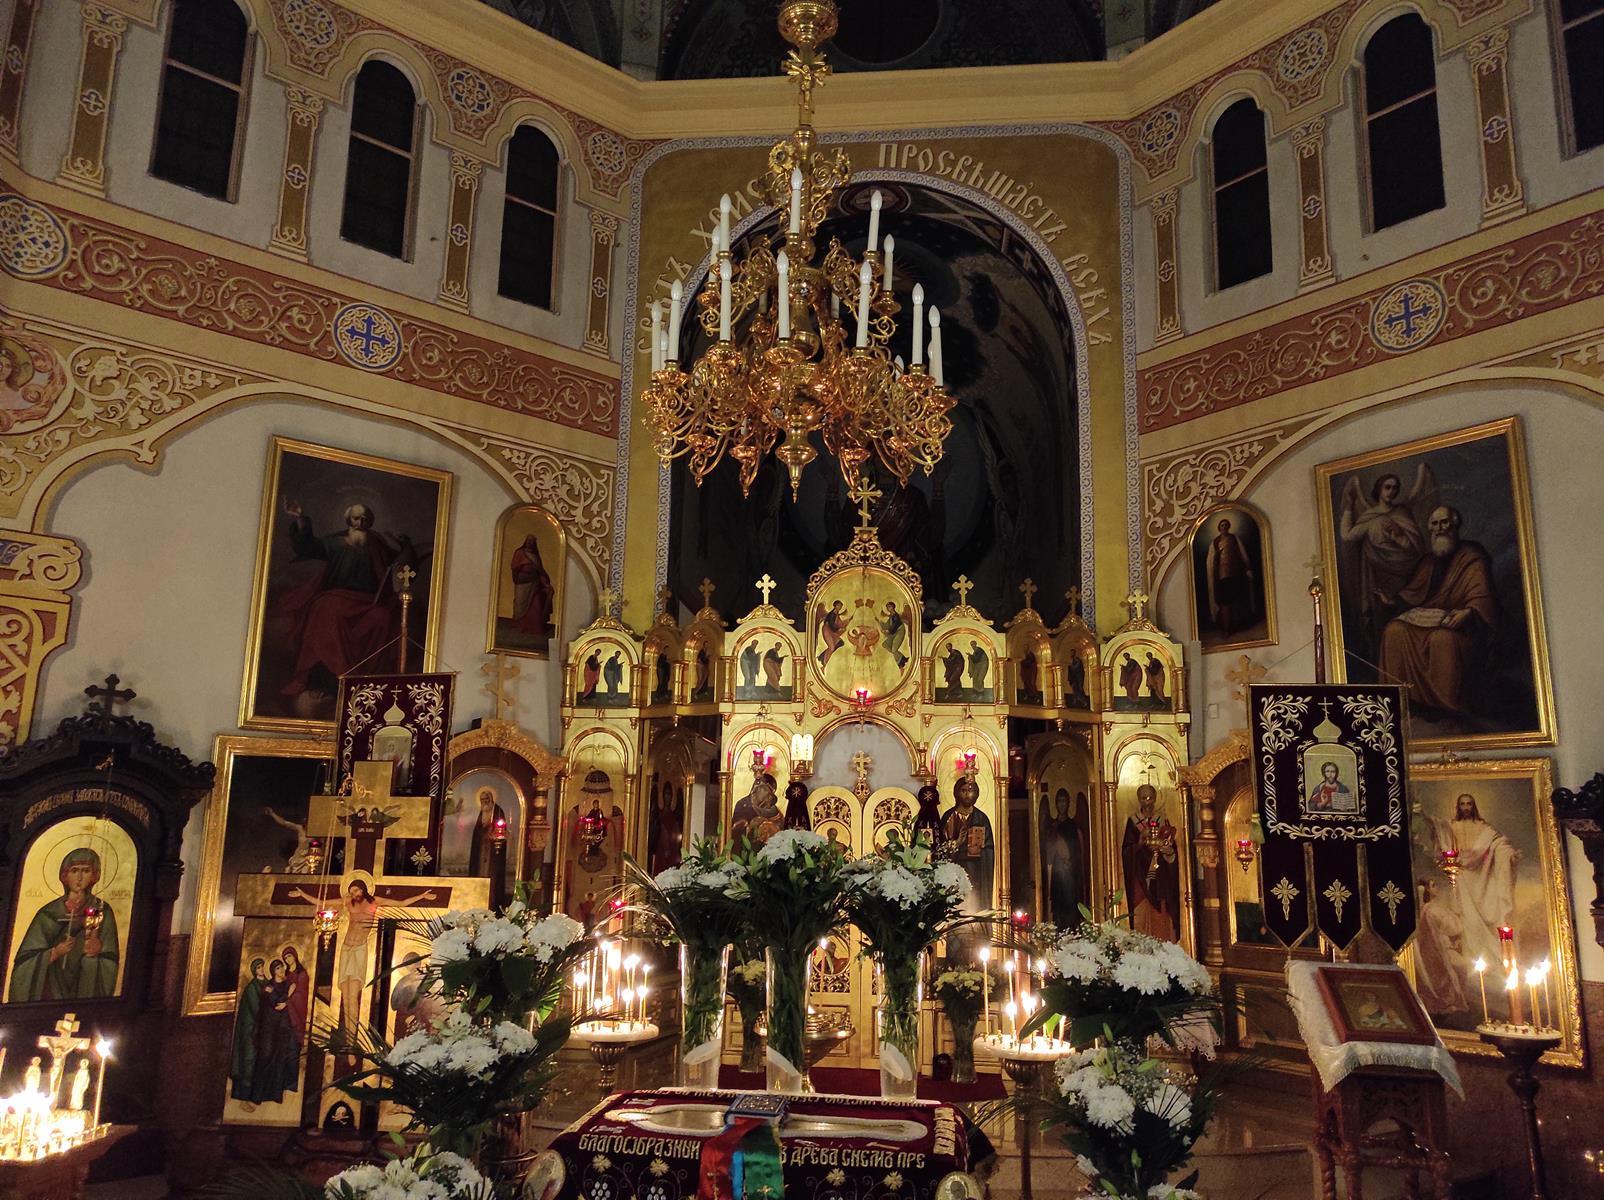 Paschalna radość na zdjęciach z diecezji łódzko-poznańskiej